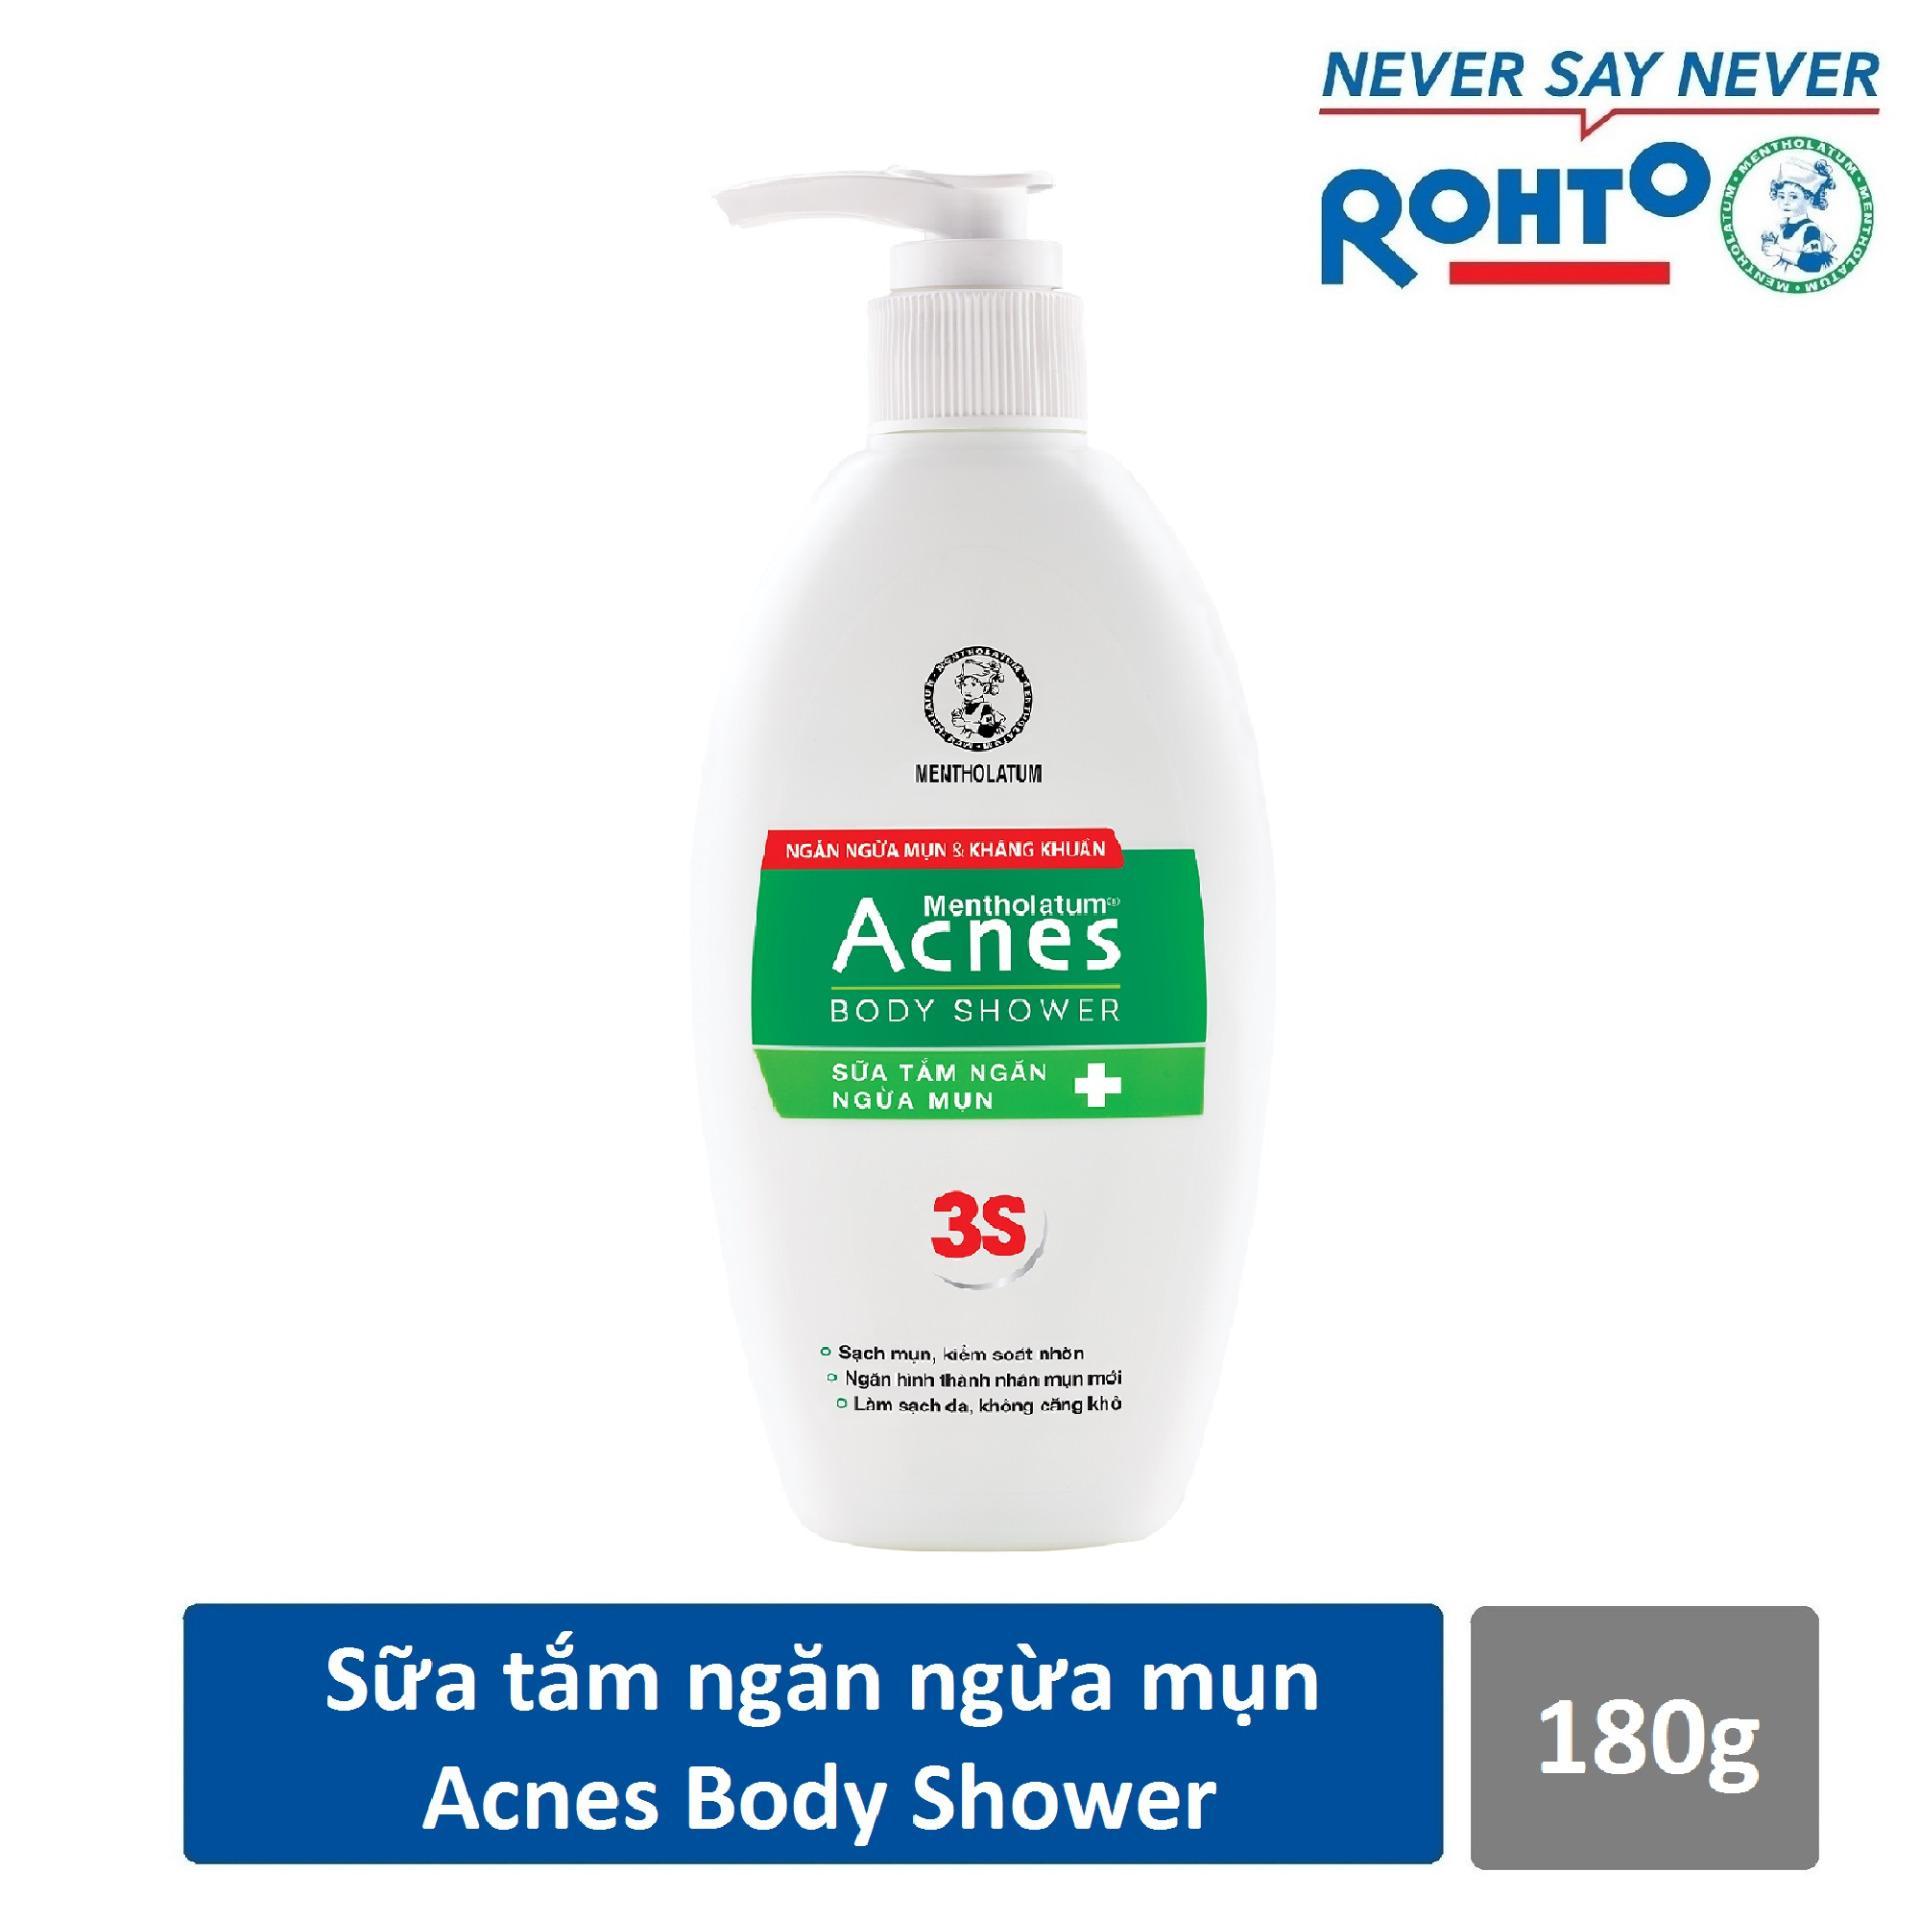 Hình ảnh Sữa tắm ngăn ngừa mụn Acnes Body Shower 180g